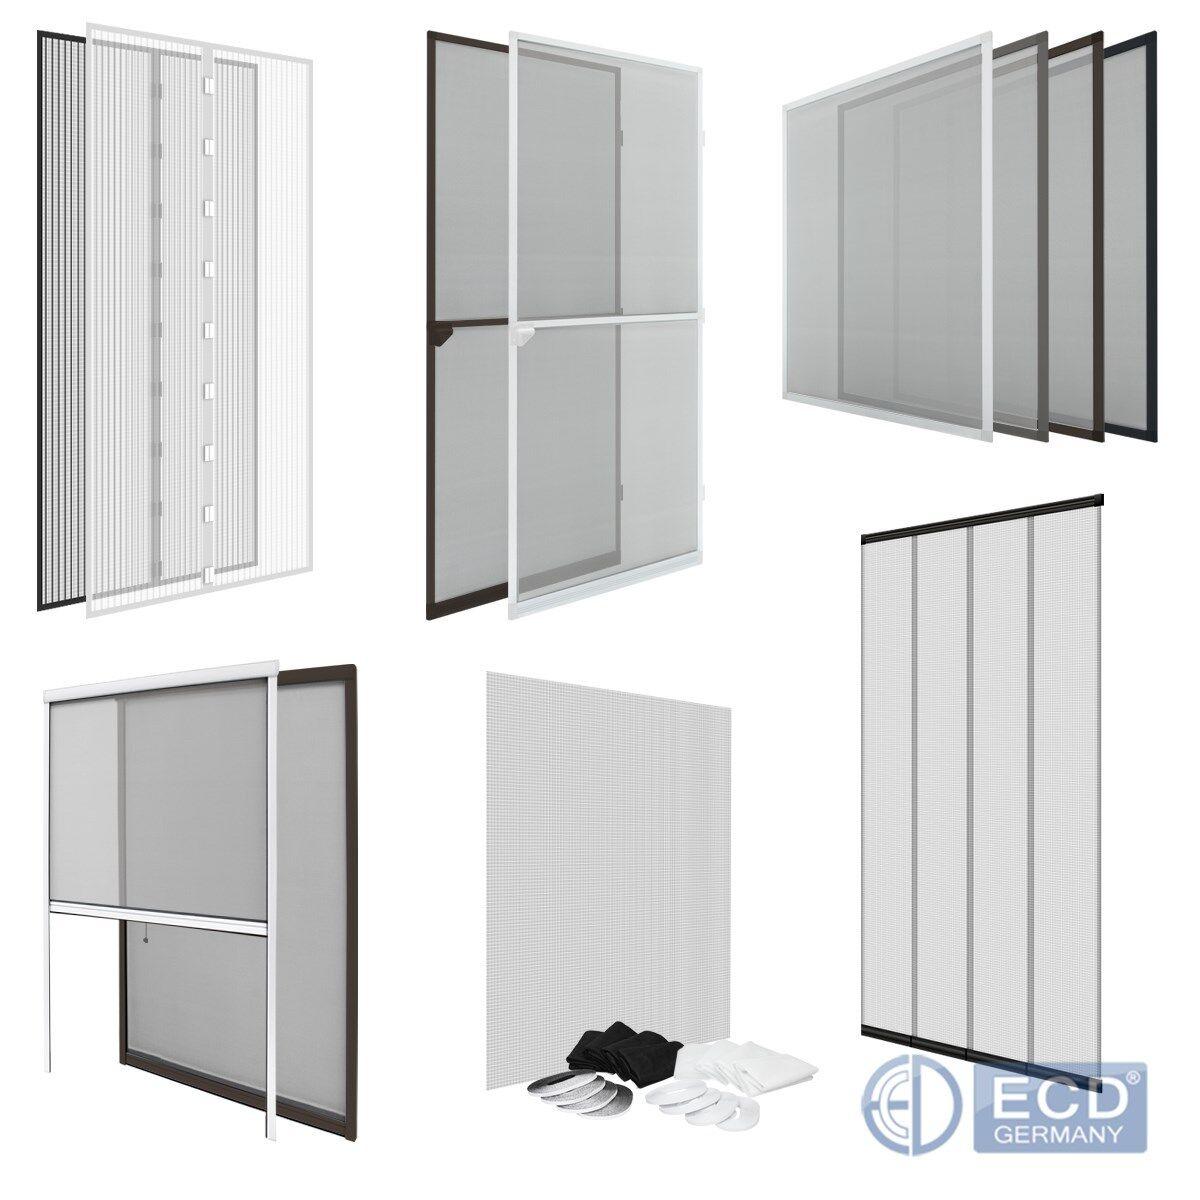 Moustiquaire store magnétique rouleau pour fenêtre   porte cadre en aluminium